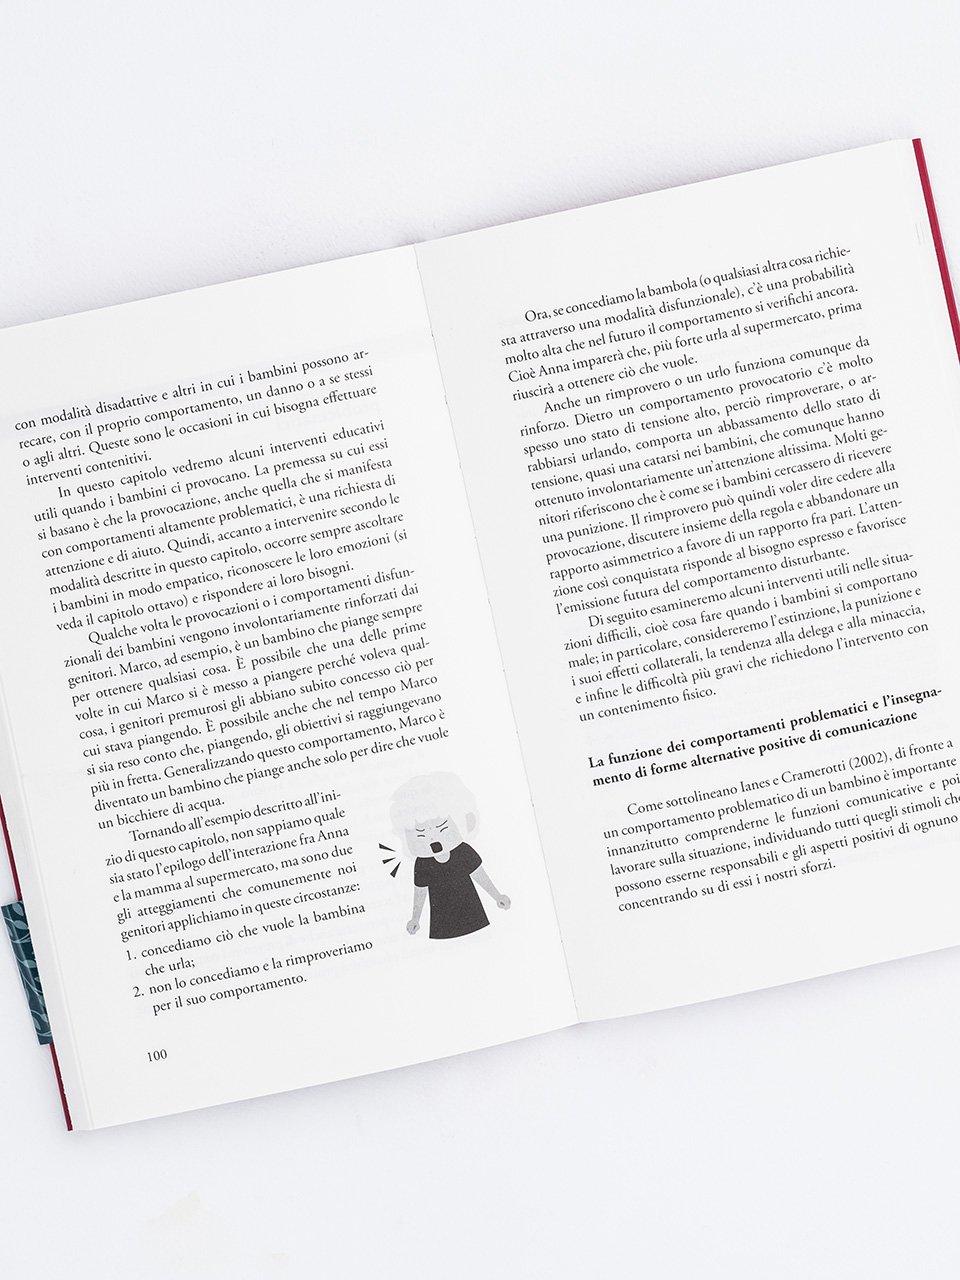 Genitori positivi, figli forti - Libri - Erickson 2